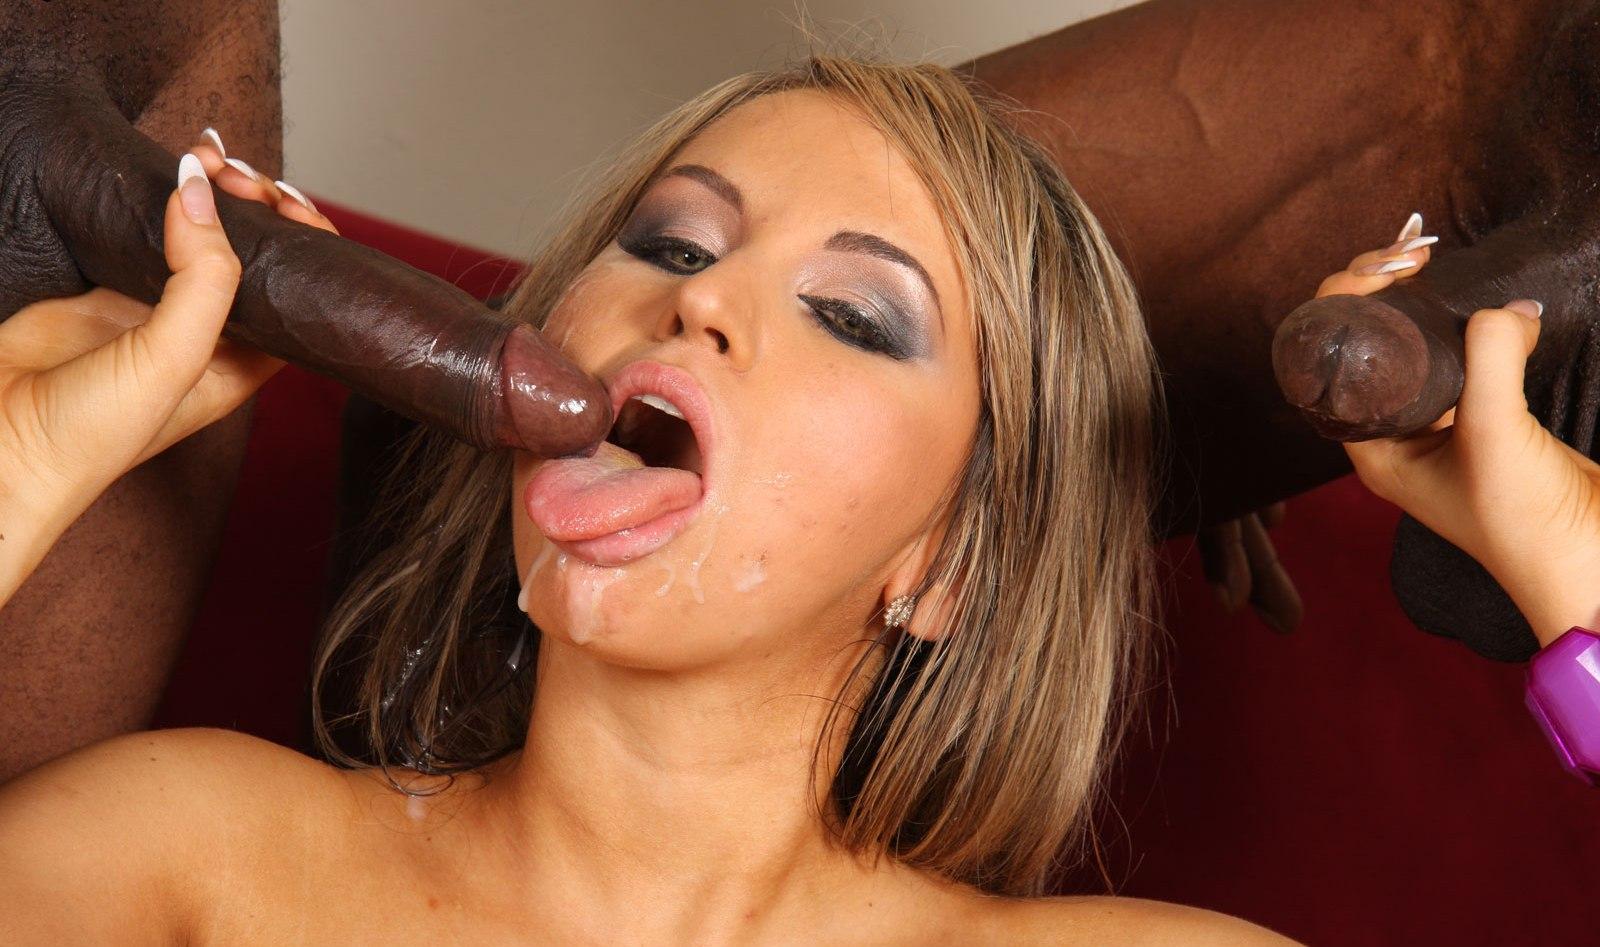 Смотреть онлайн порно алексис диамонд 19 фотография